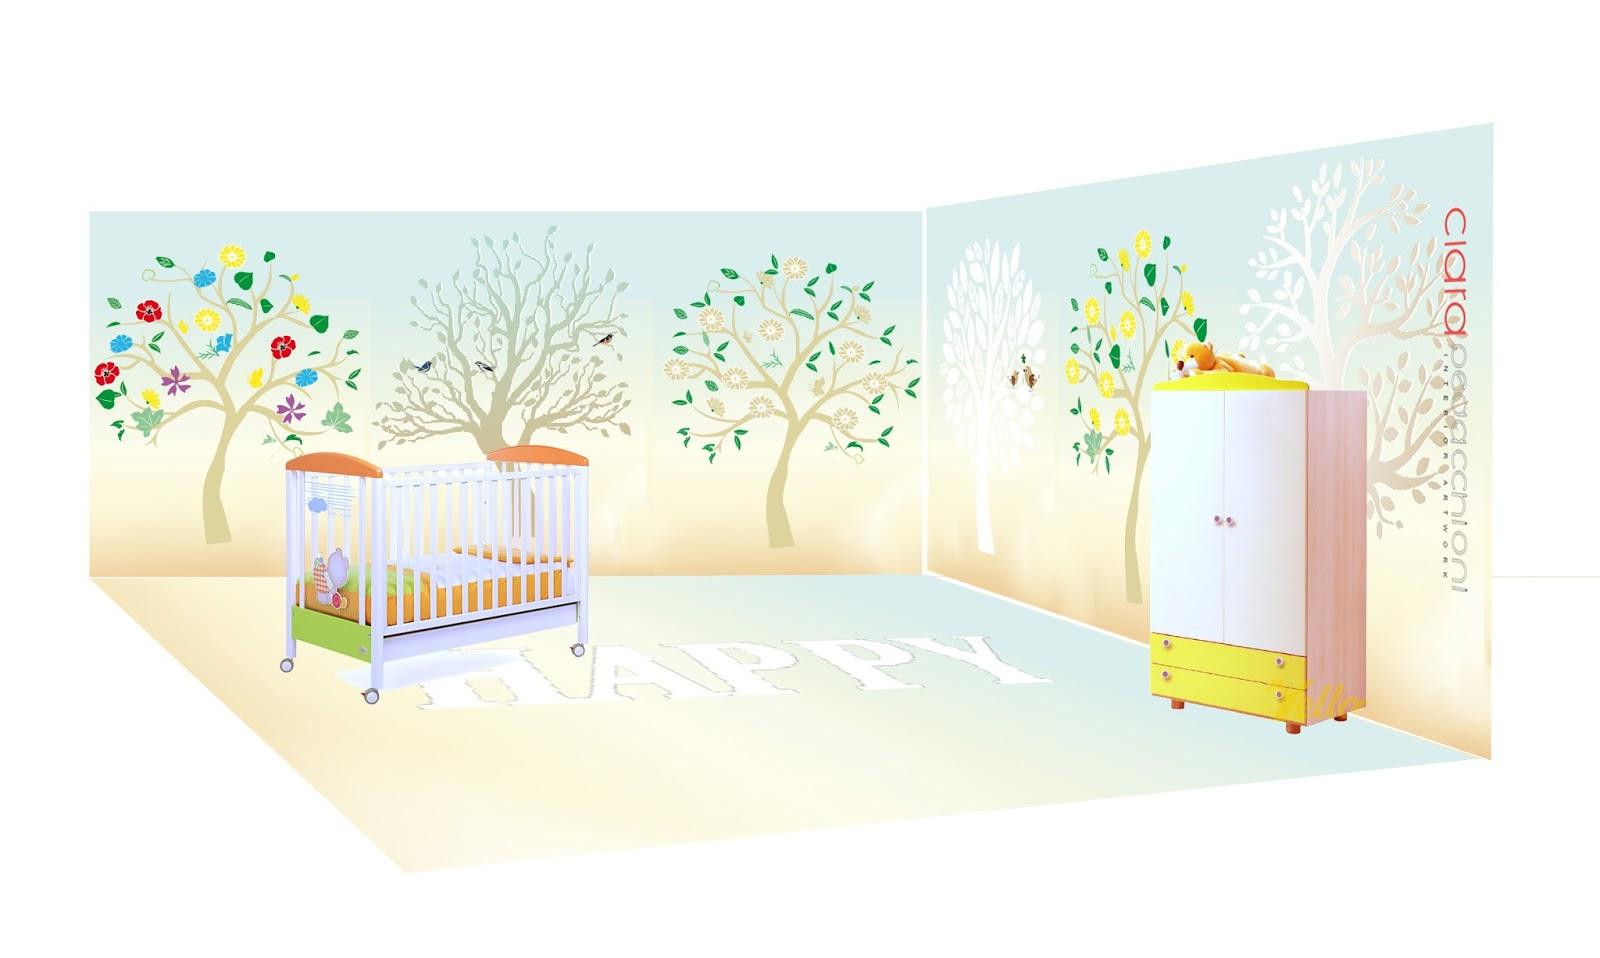 Decorazioni muri camerette bambini camerette bambini - Decorazioni muri camerette bambini ...